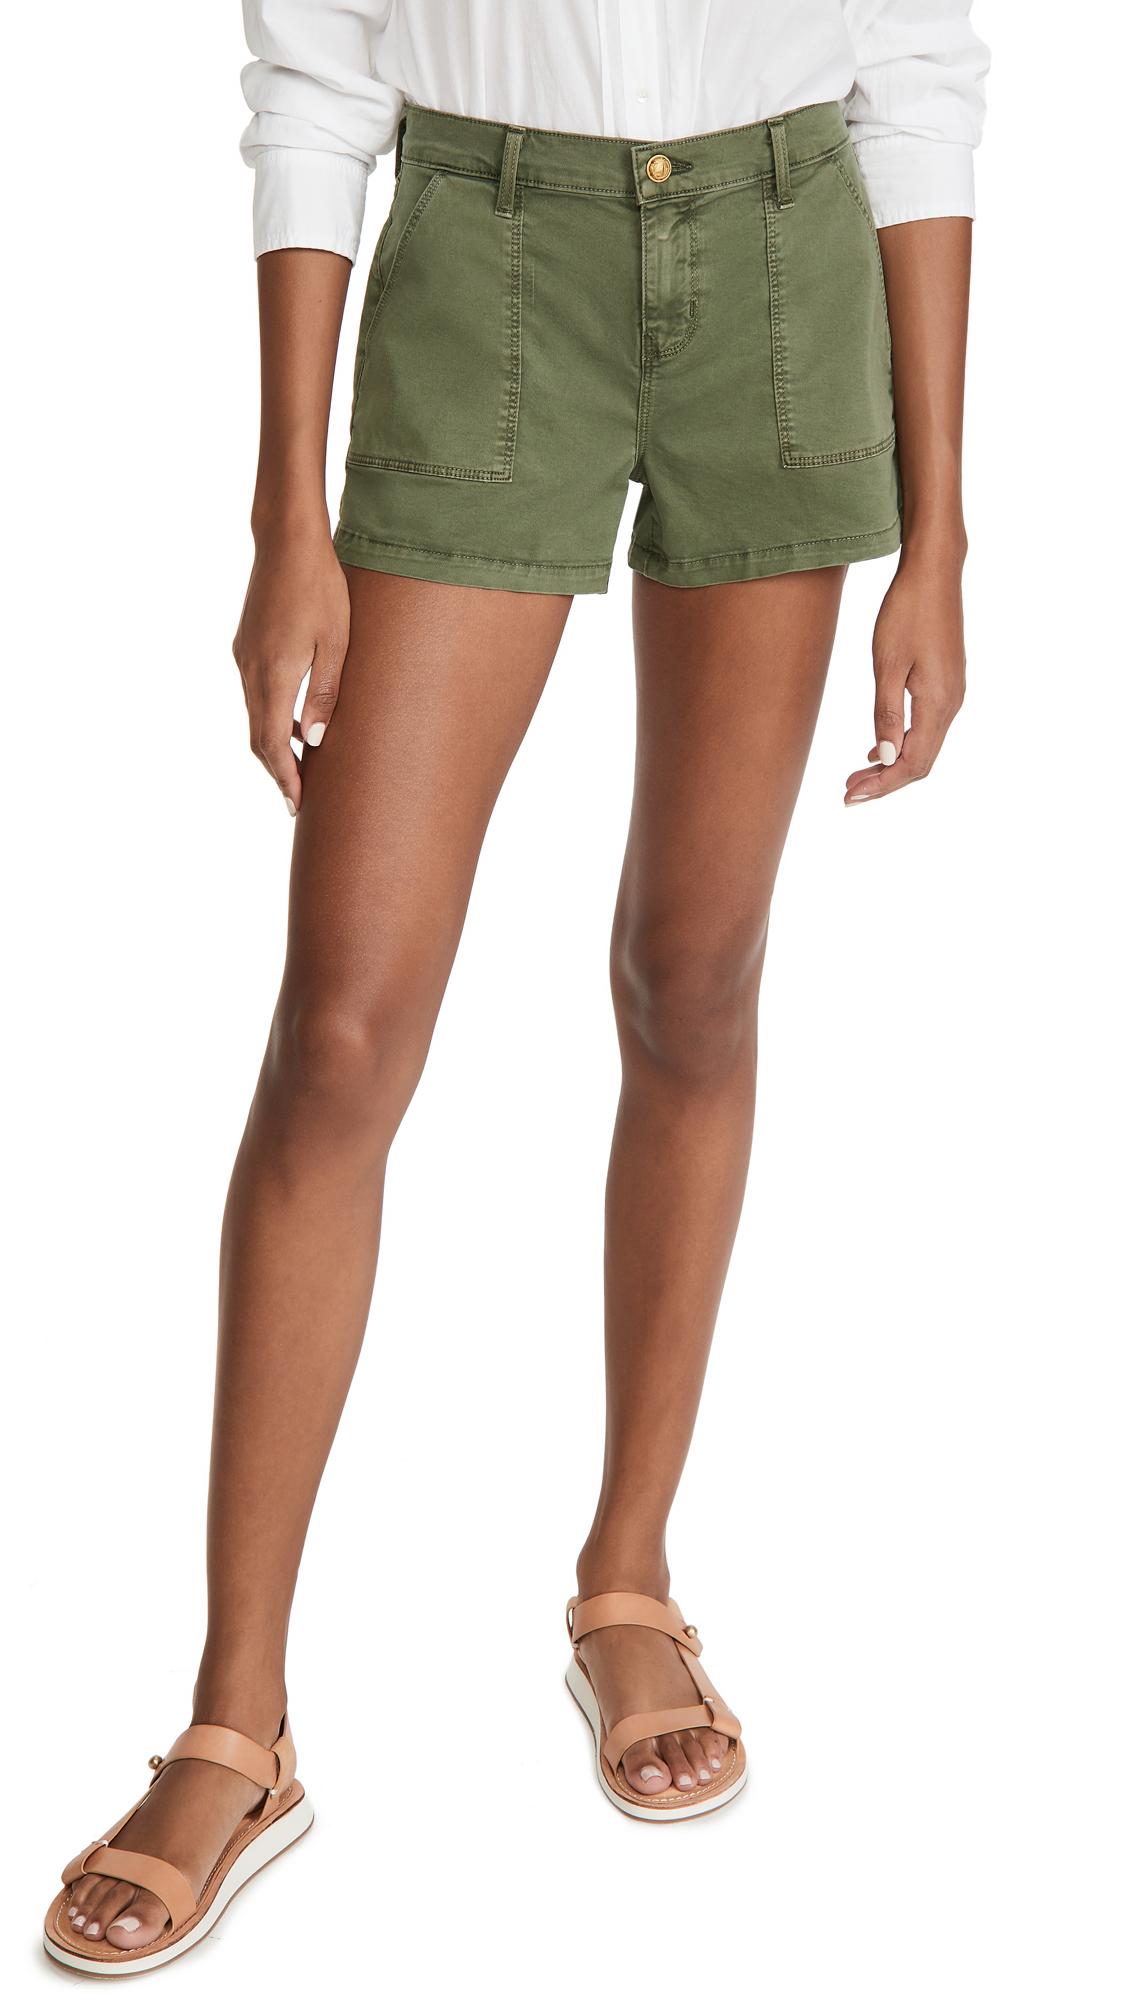 L'AGENCE Pamela Utility Shorts